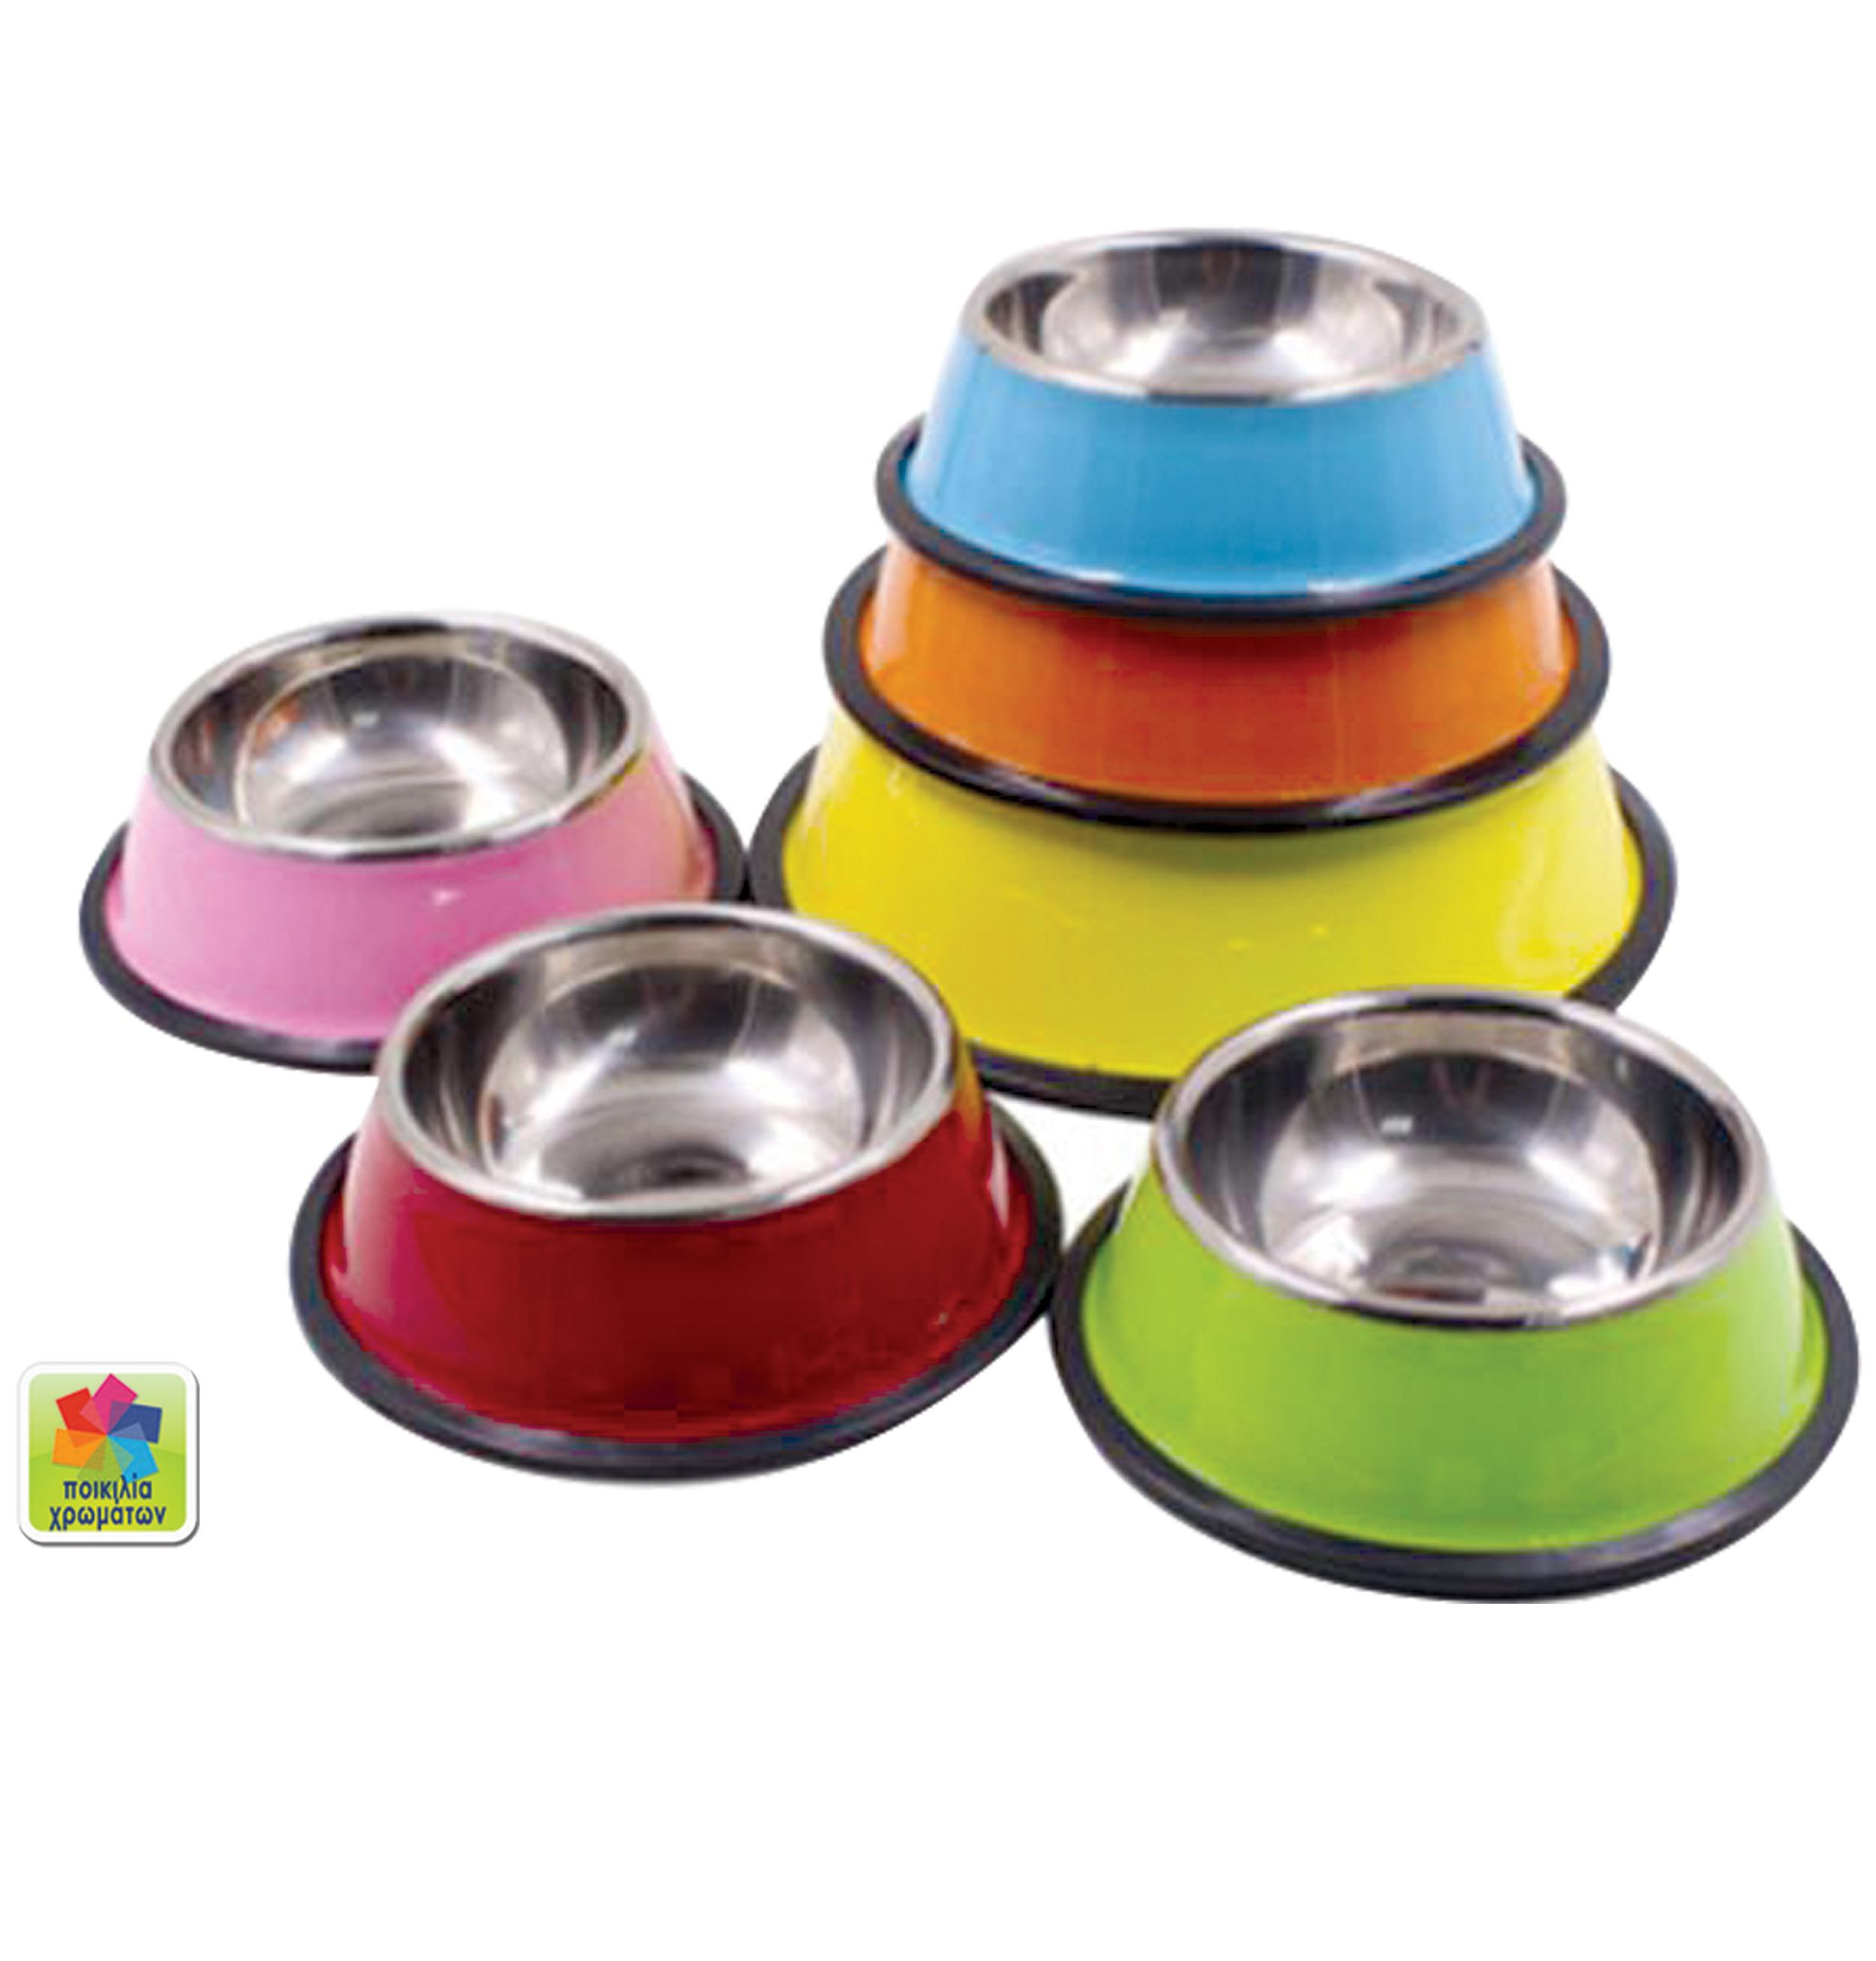 Mπόλ φαγητού σκύλου μεταλλικό